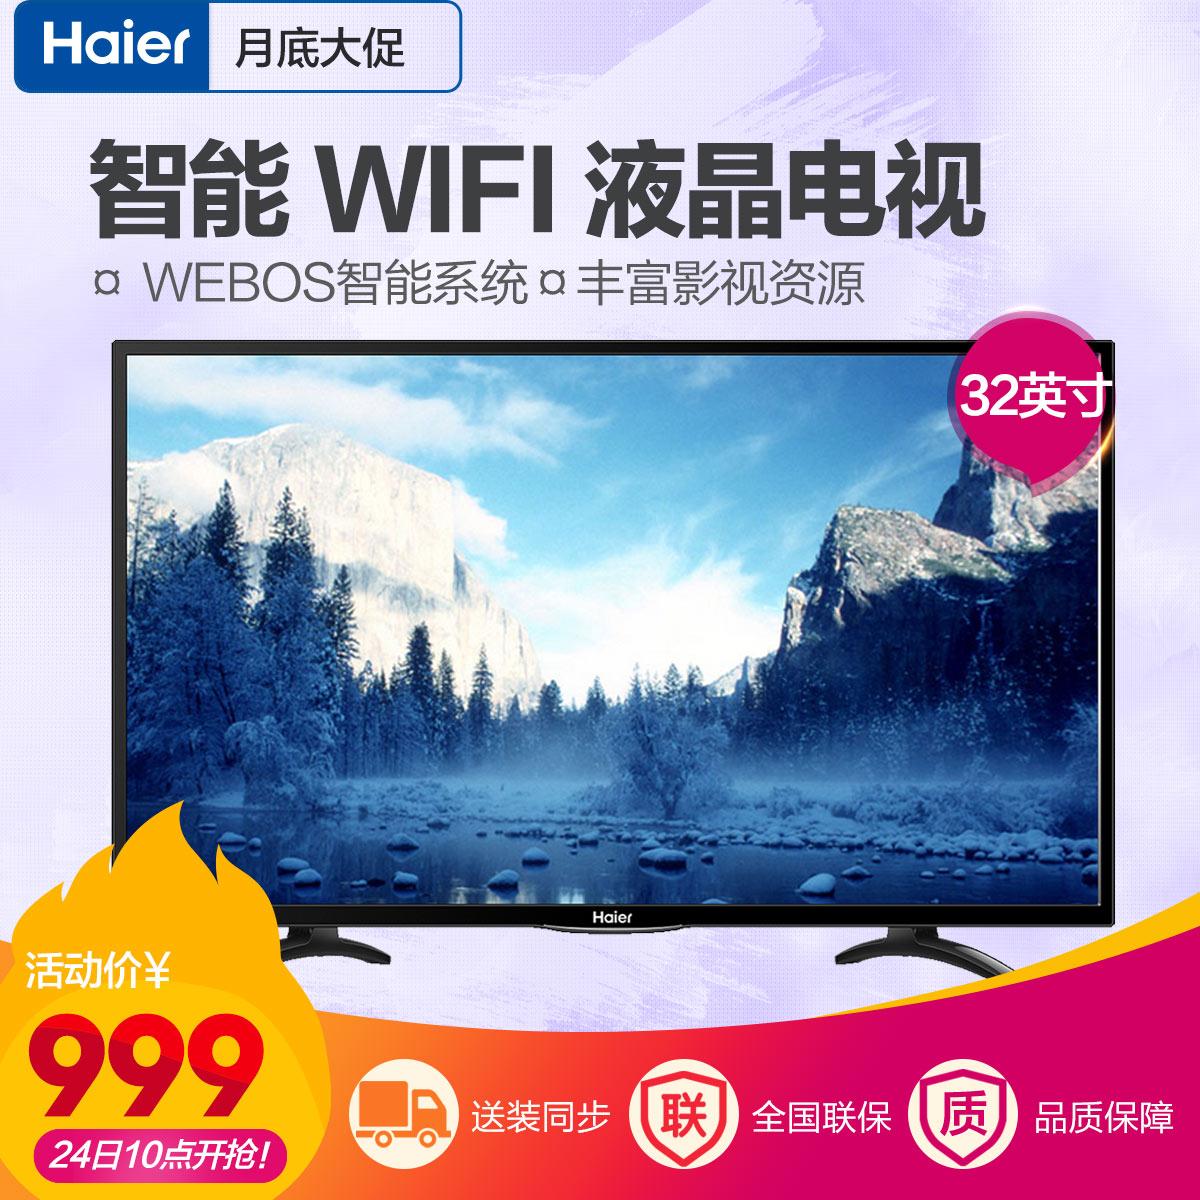 Haier/海尔 智能电视 LE32A31